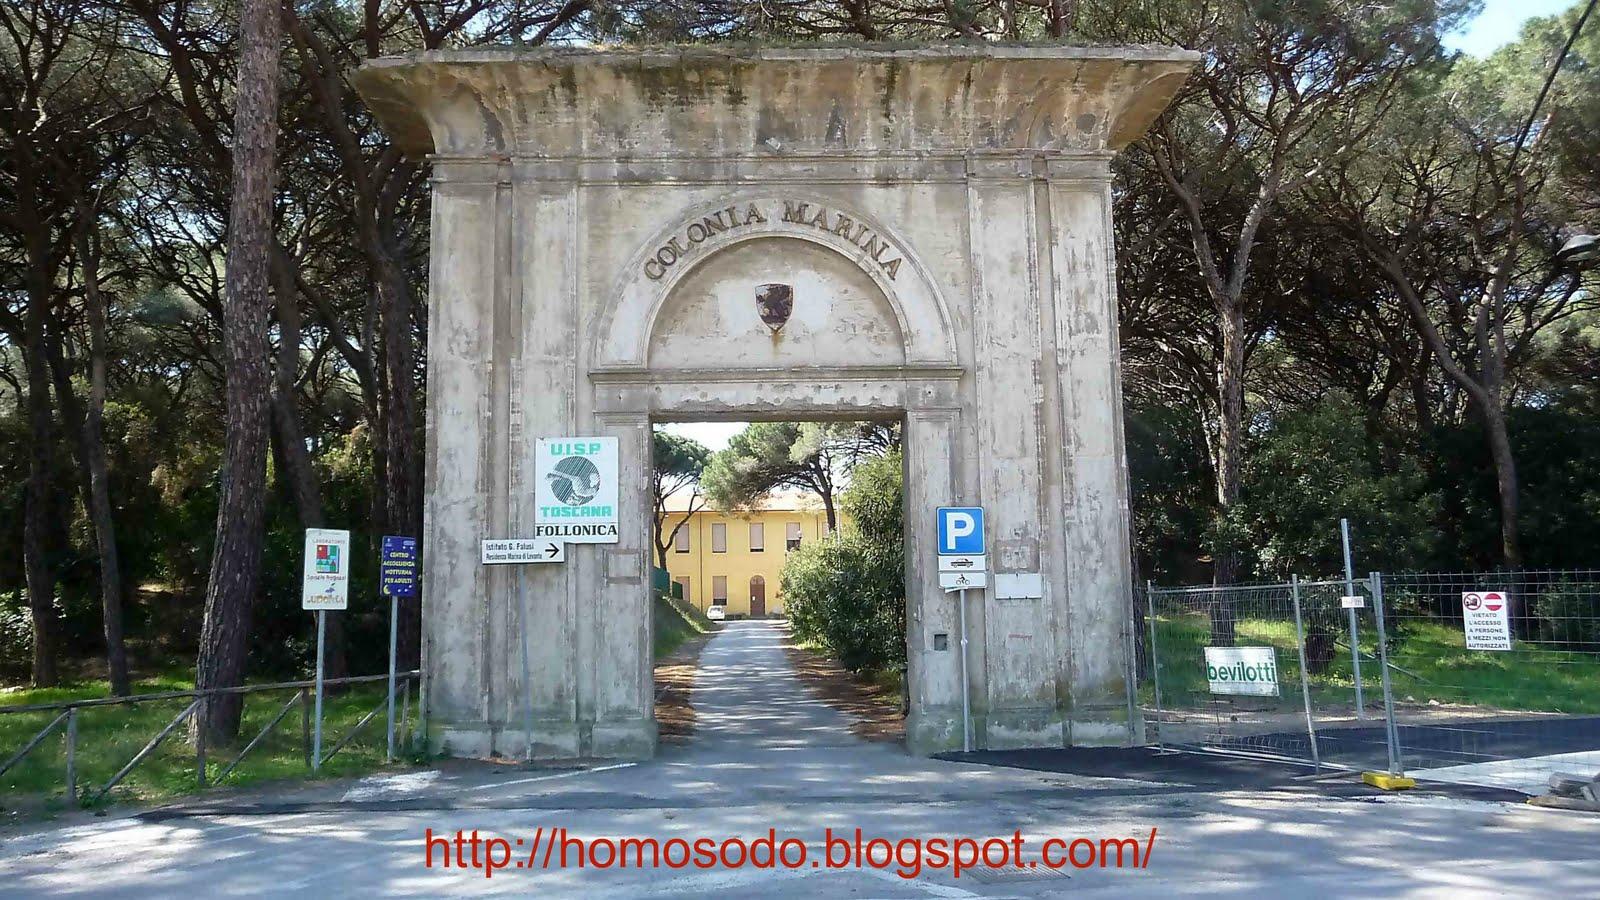 Homo sodo follonica tributo alla colonia marina for Sito parlamento italiano